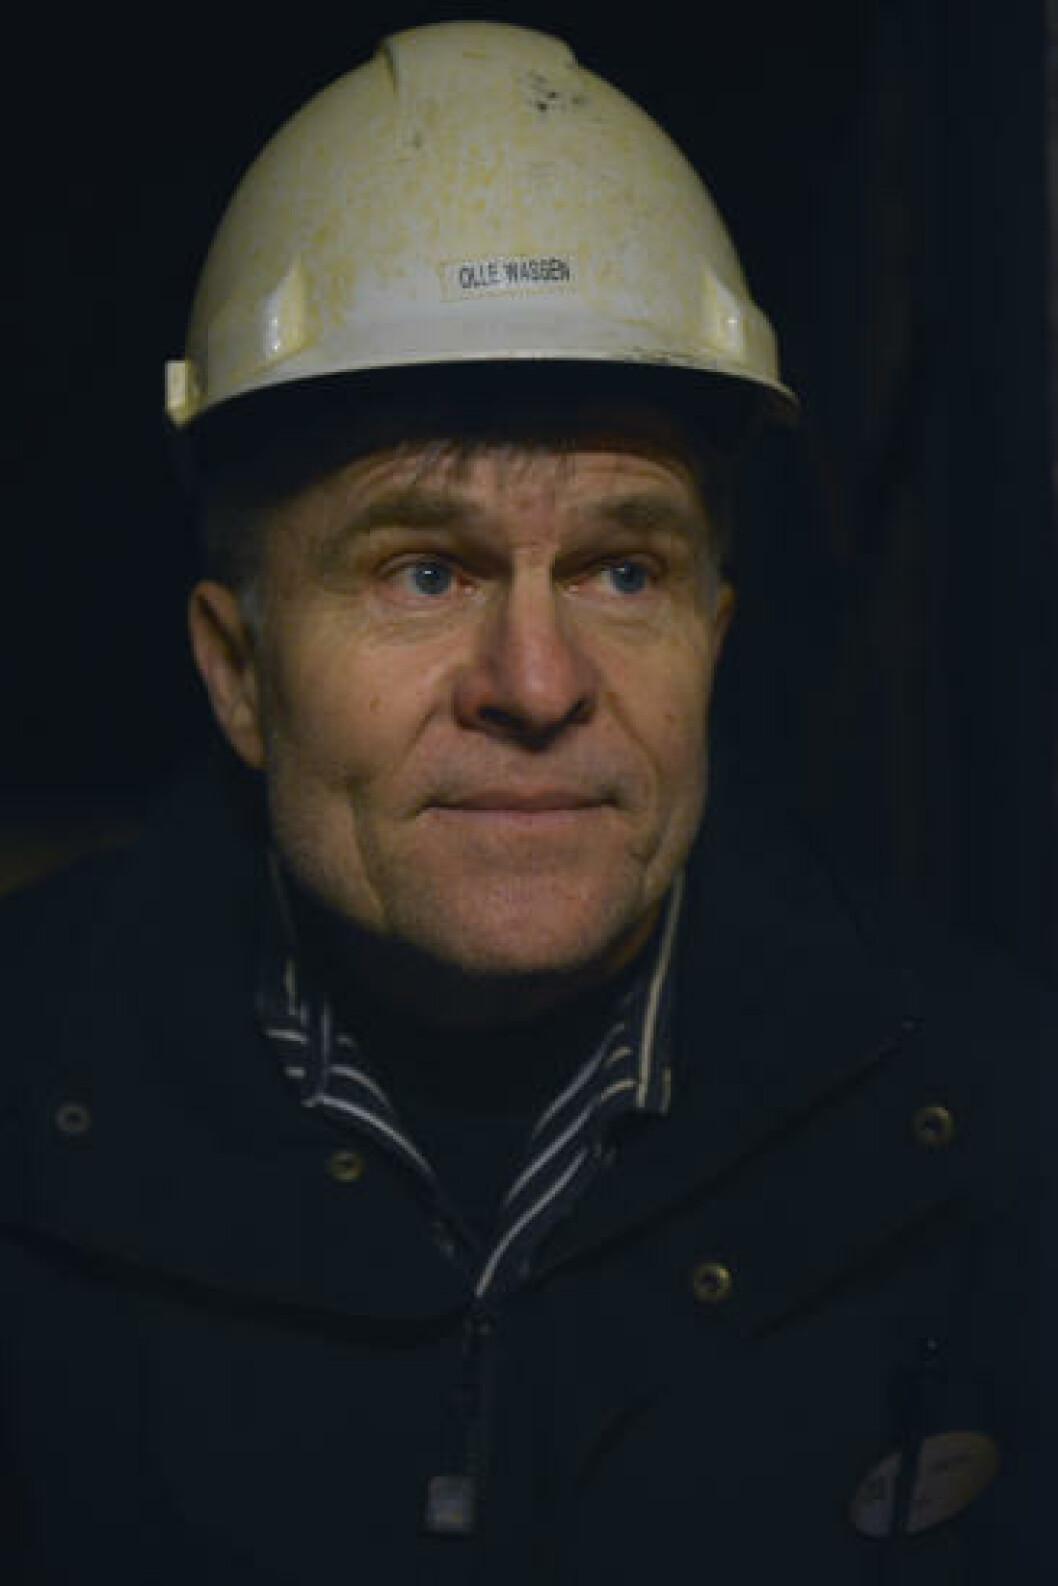 <strong>I HISTORISK GRUNN:</strong> Olle Wassén guider turister ned til 67 meters dyp i Falu gruva, men ikke under VM. Da skal han jobbe frivillig i dopingkontrollen. Foto: GJERMUND GLESNES